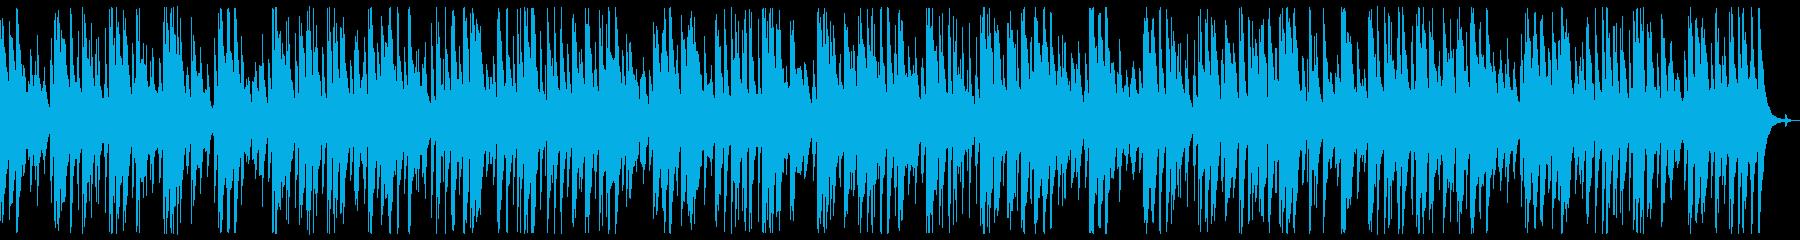 ウクレレとナイロンギターのほのぼのBGMの再生済みの波形